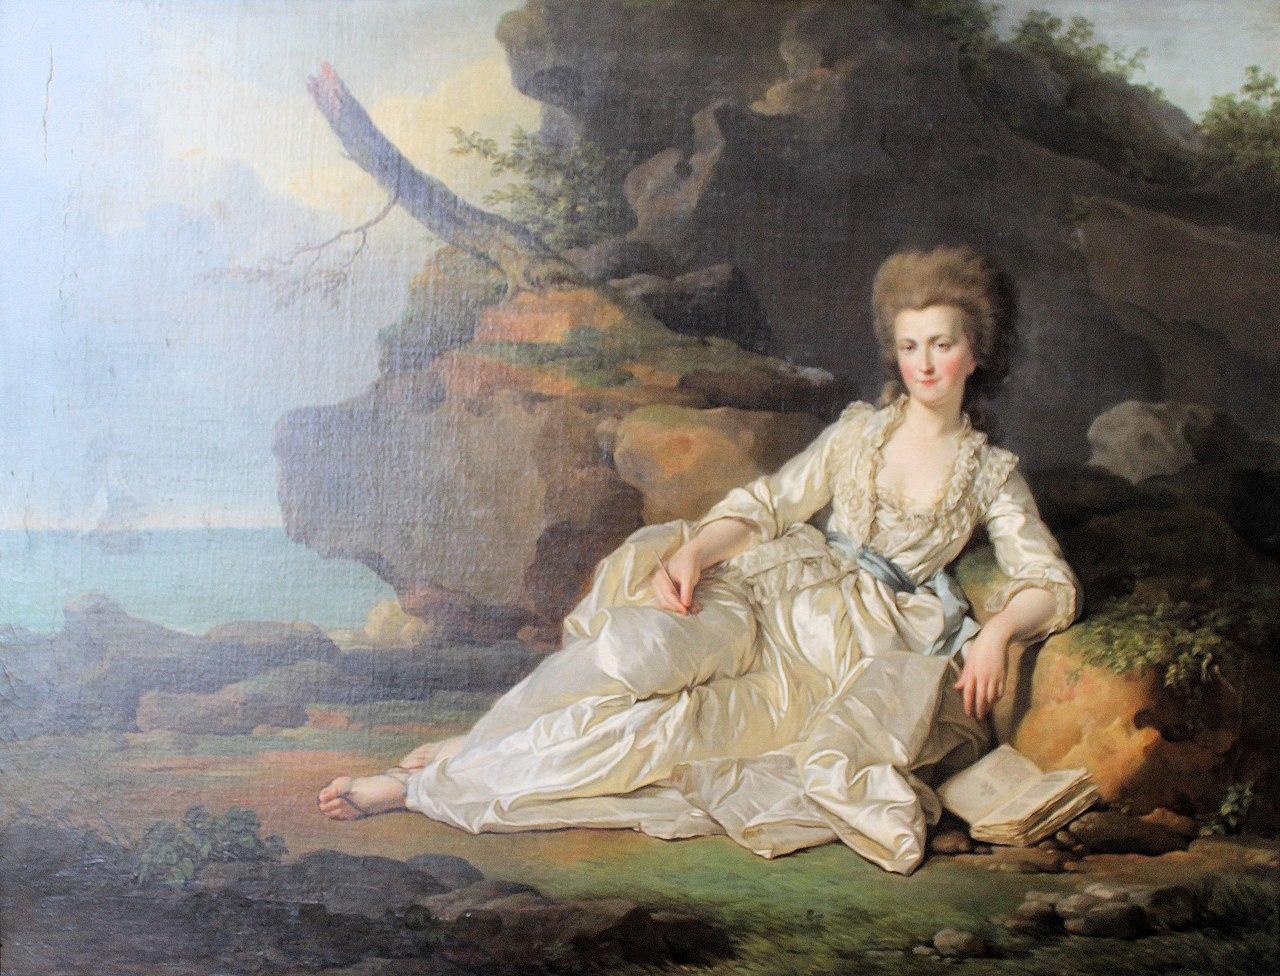 Château de Chantilly, Joseph Siffred Duplessis, portrait of Louise Marie Adélaïde de Bourbon.JPG